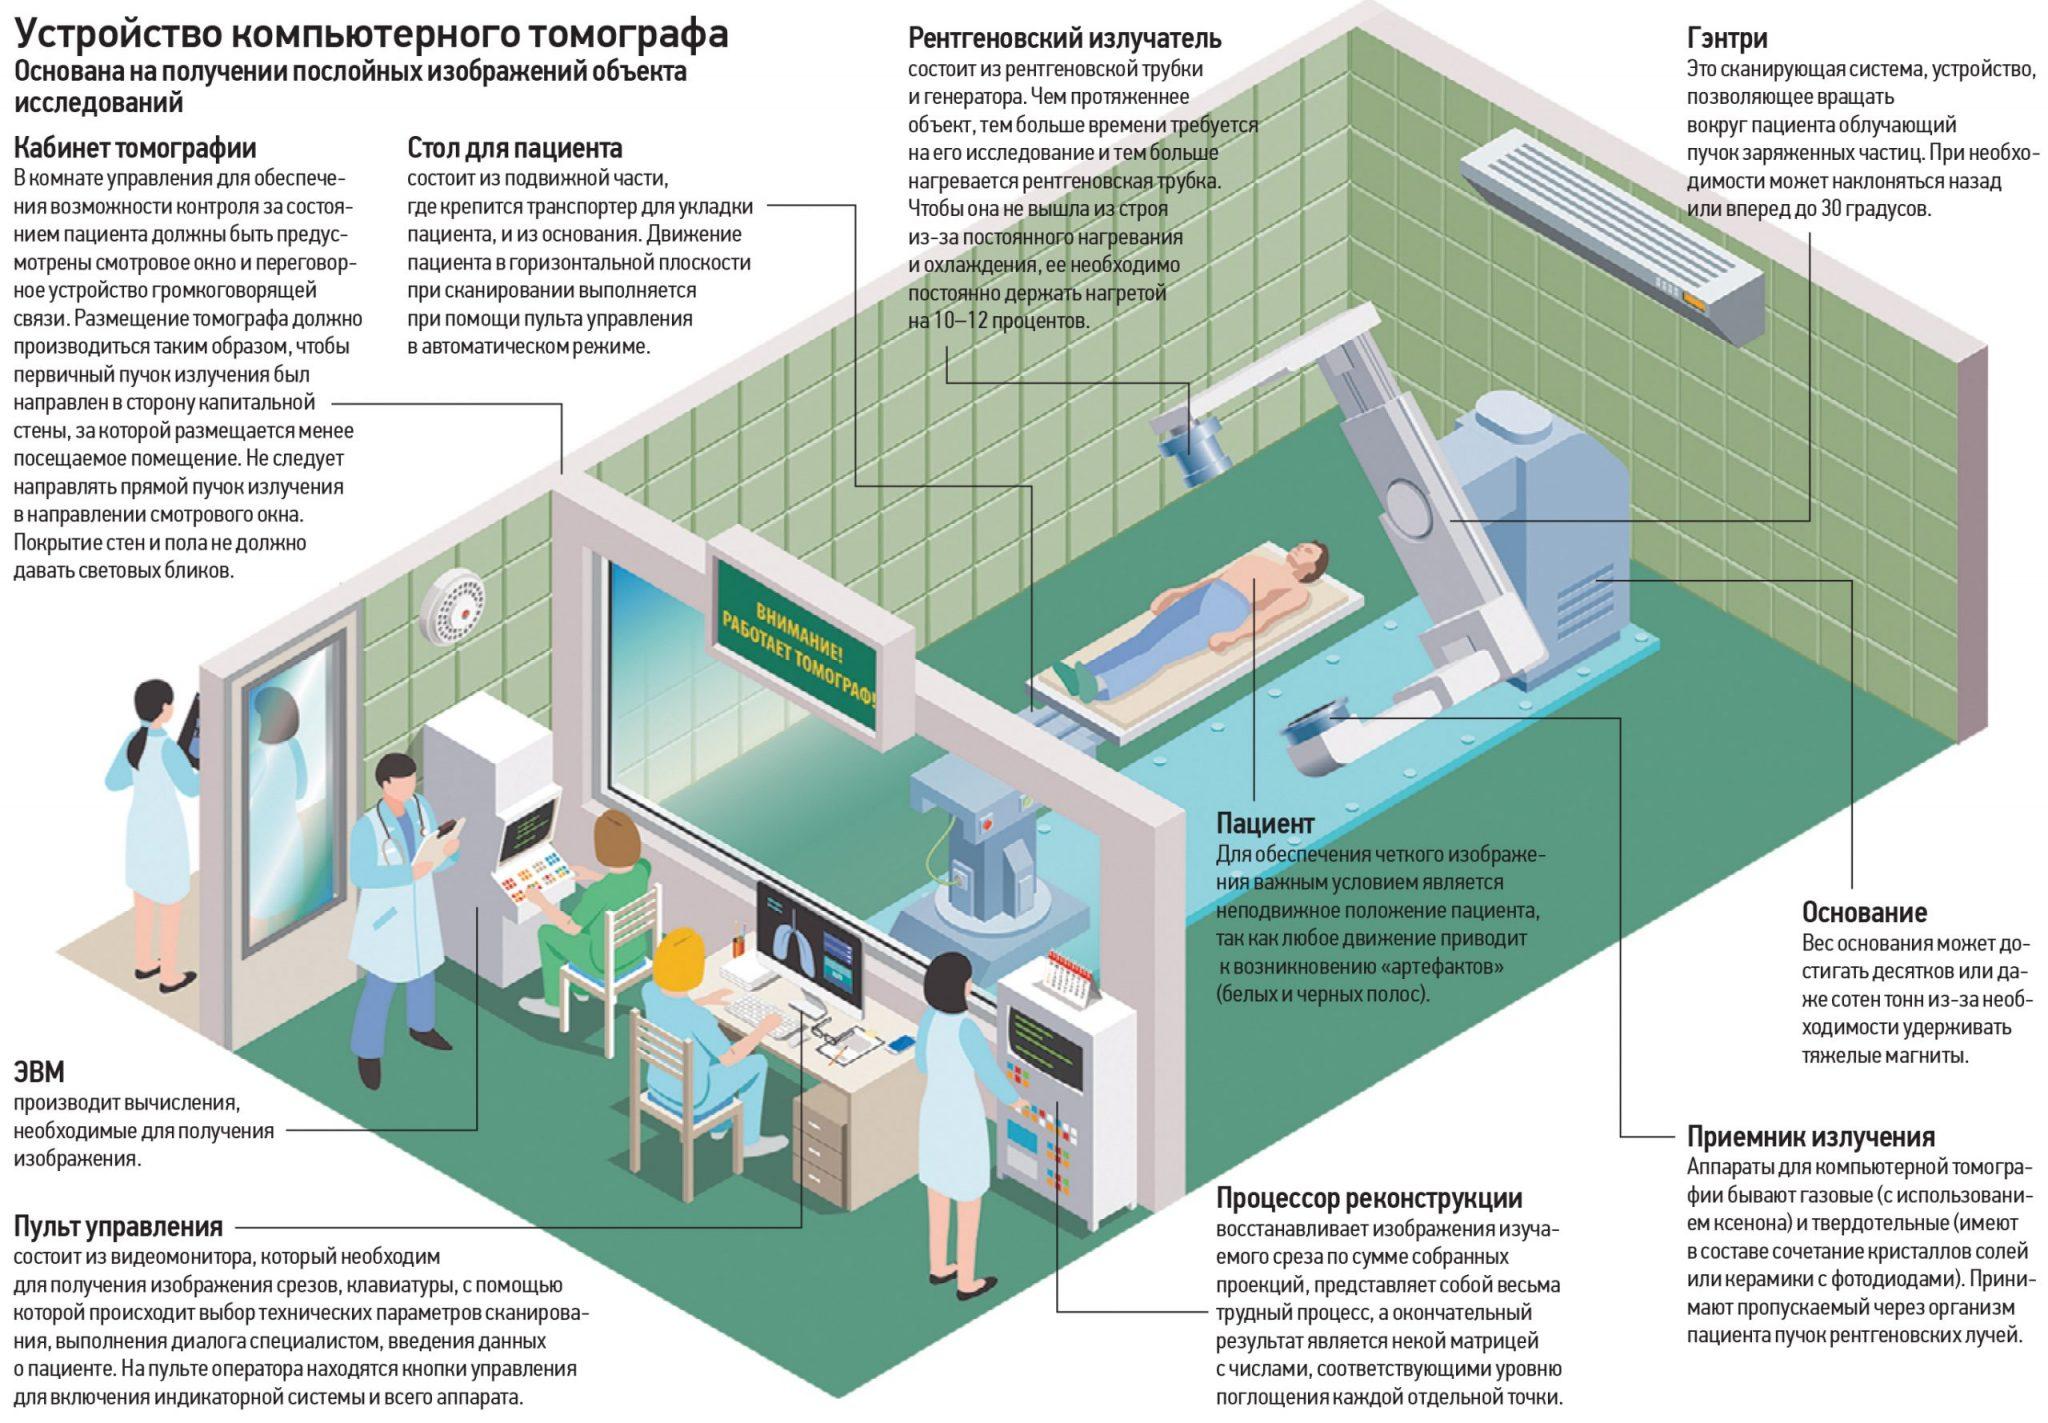 Лучи лечебные: ради чего жертвовали здоровьем пионеры радиотерапии